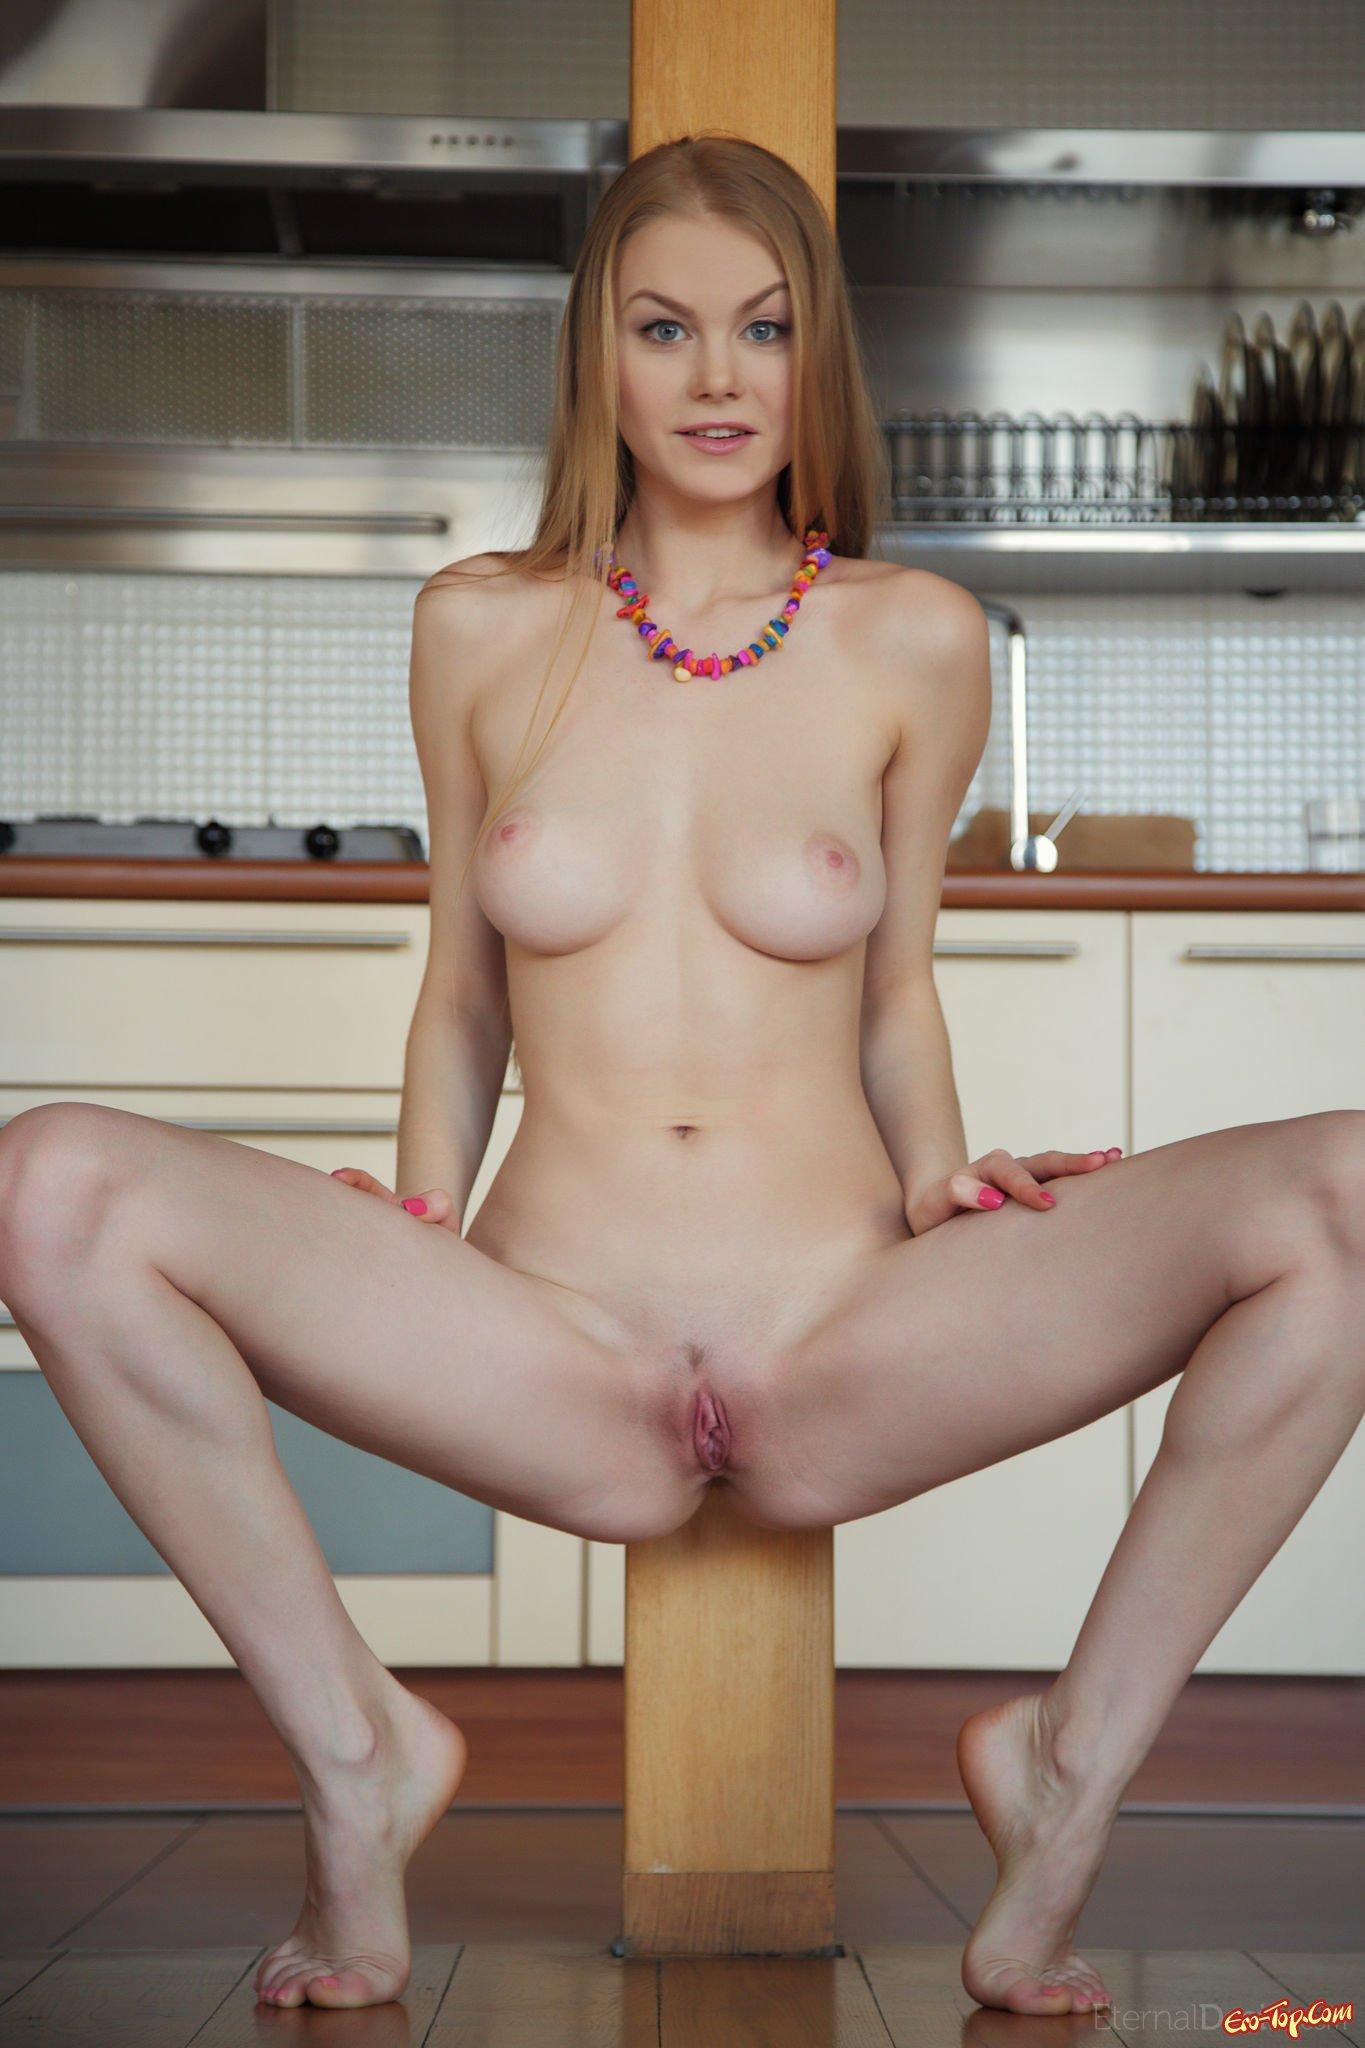 Голая девка на кухне